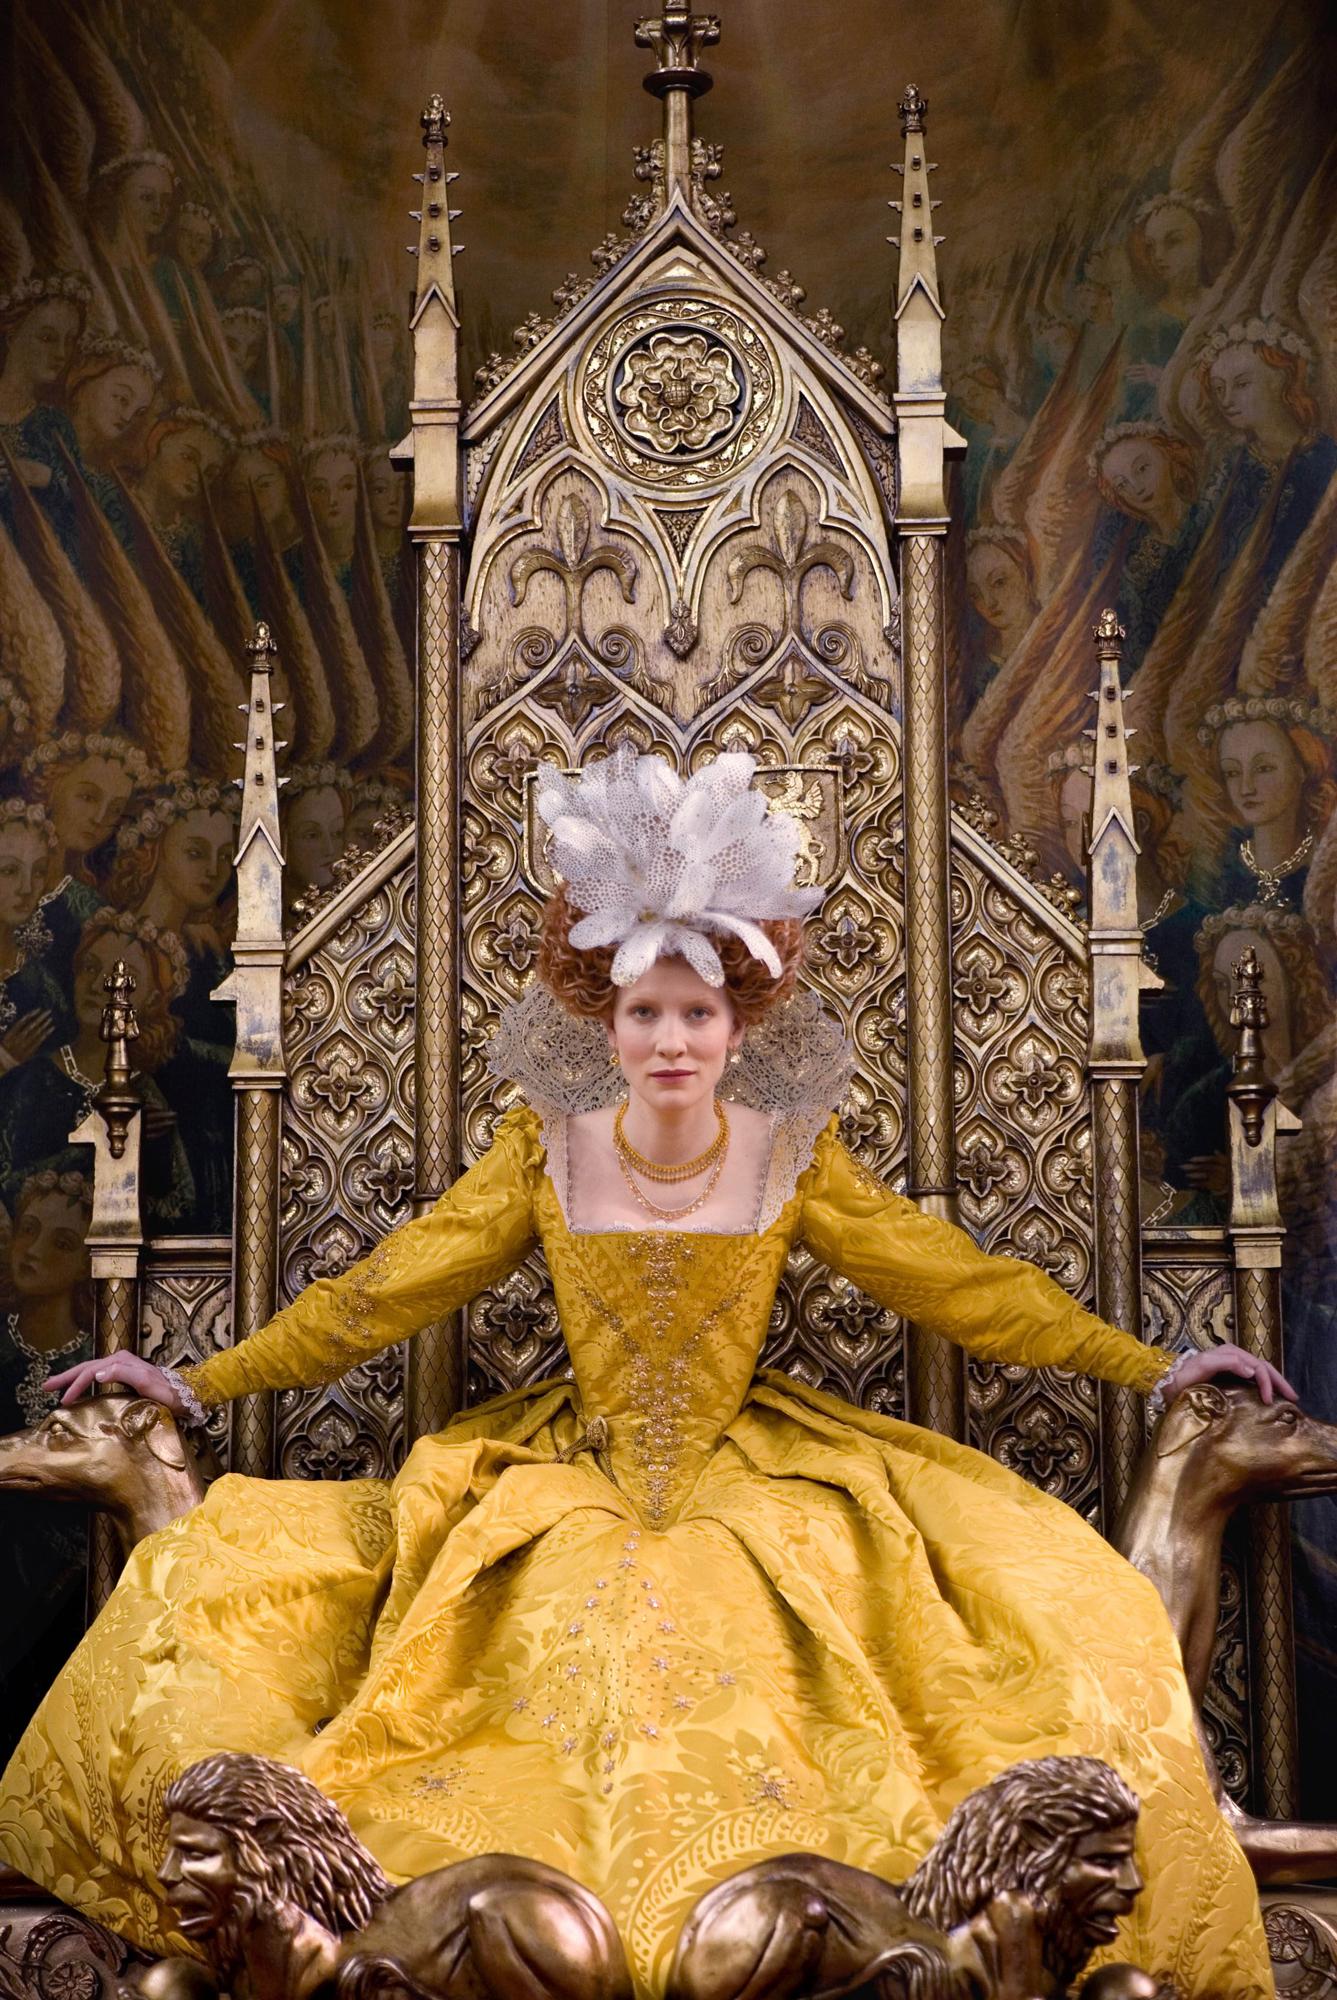 Elizabeth - The Golden Age - 2007